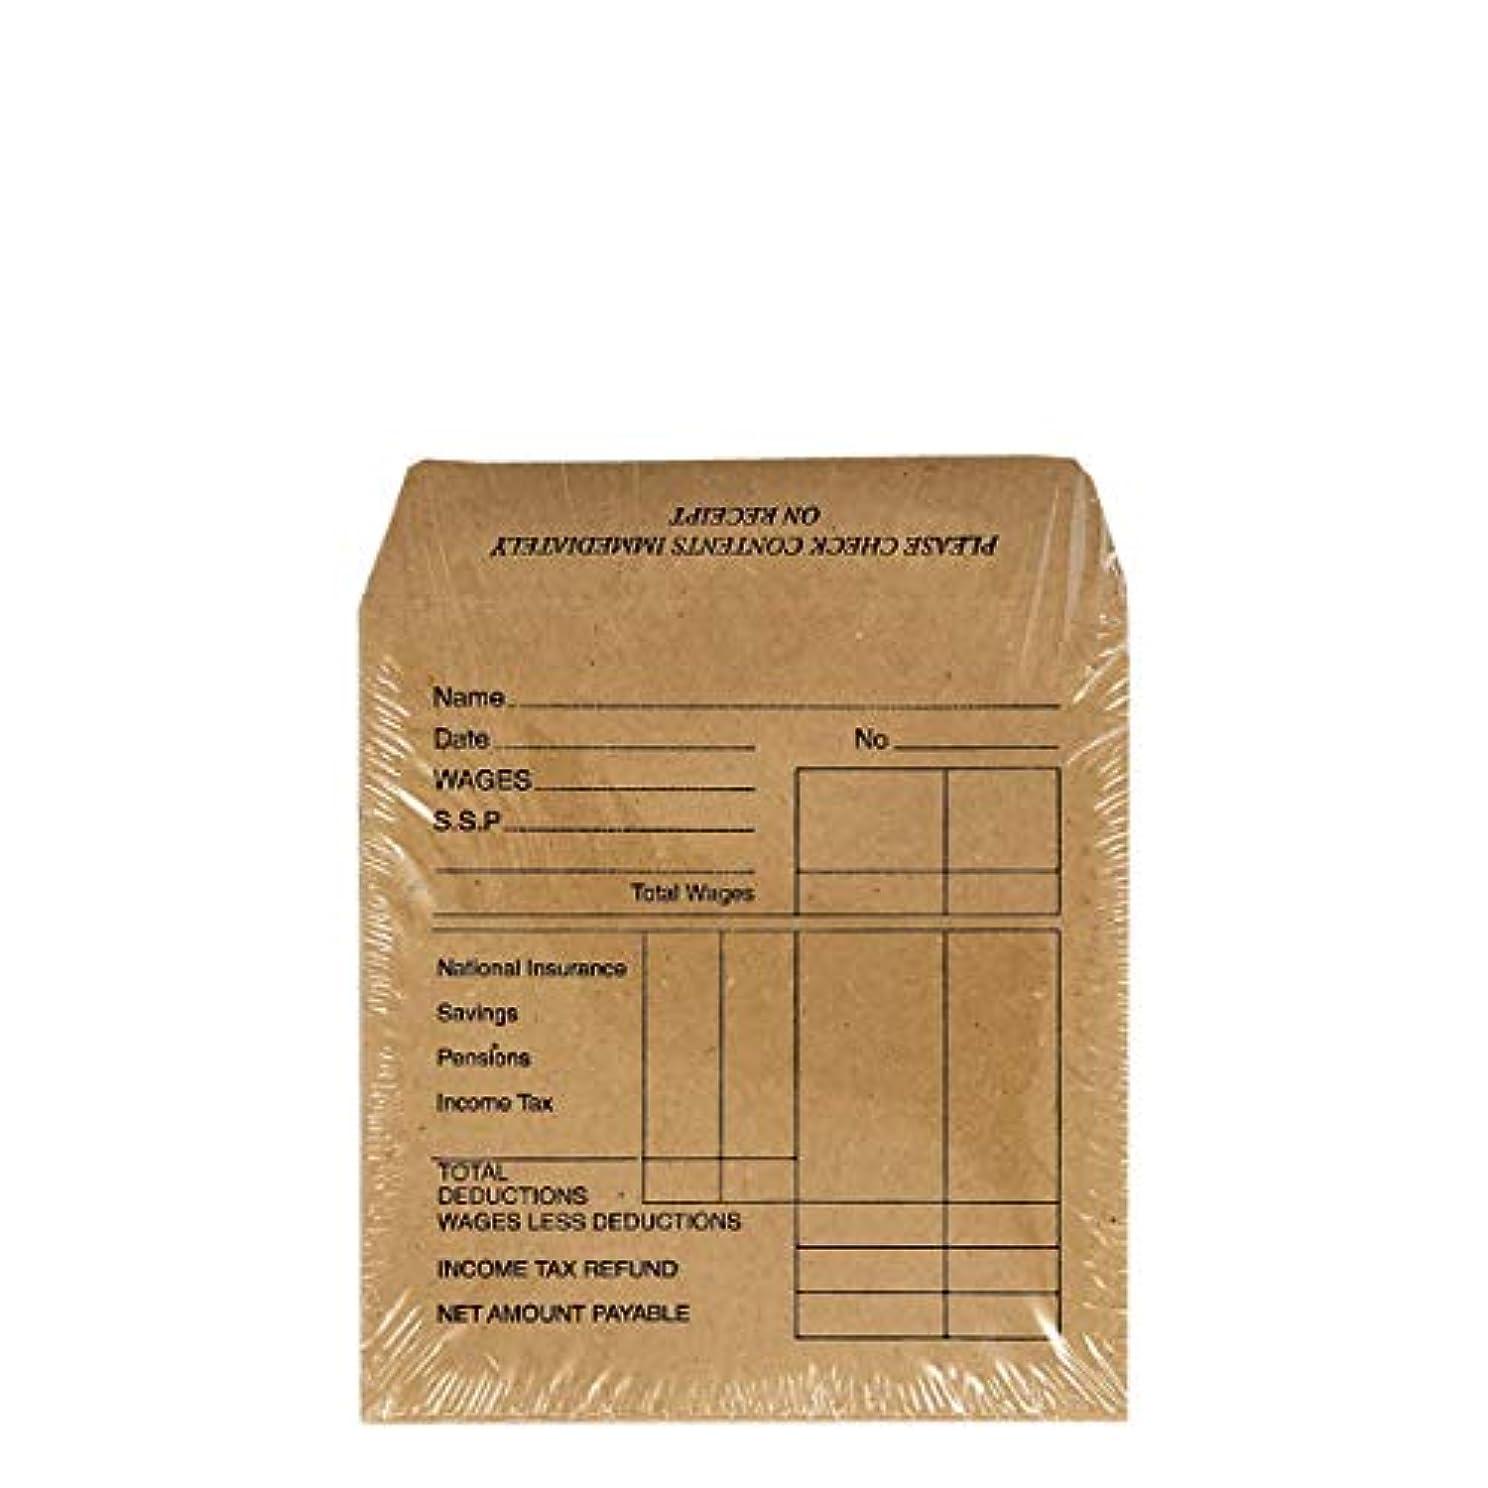 試験ポルティコくすぐったいアジェンダ サロンコンセプト 賃金支払い 封筒 50[海外直送品] [並行輸入品]